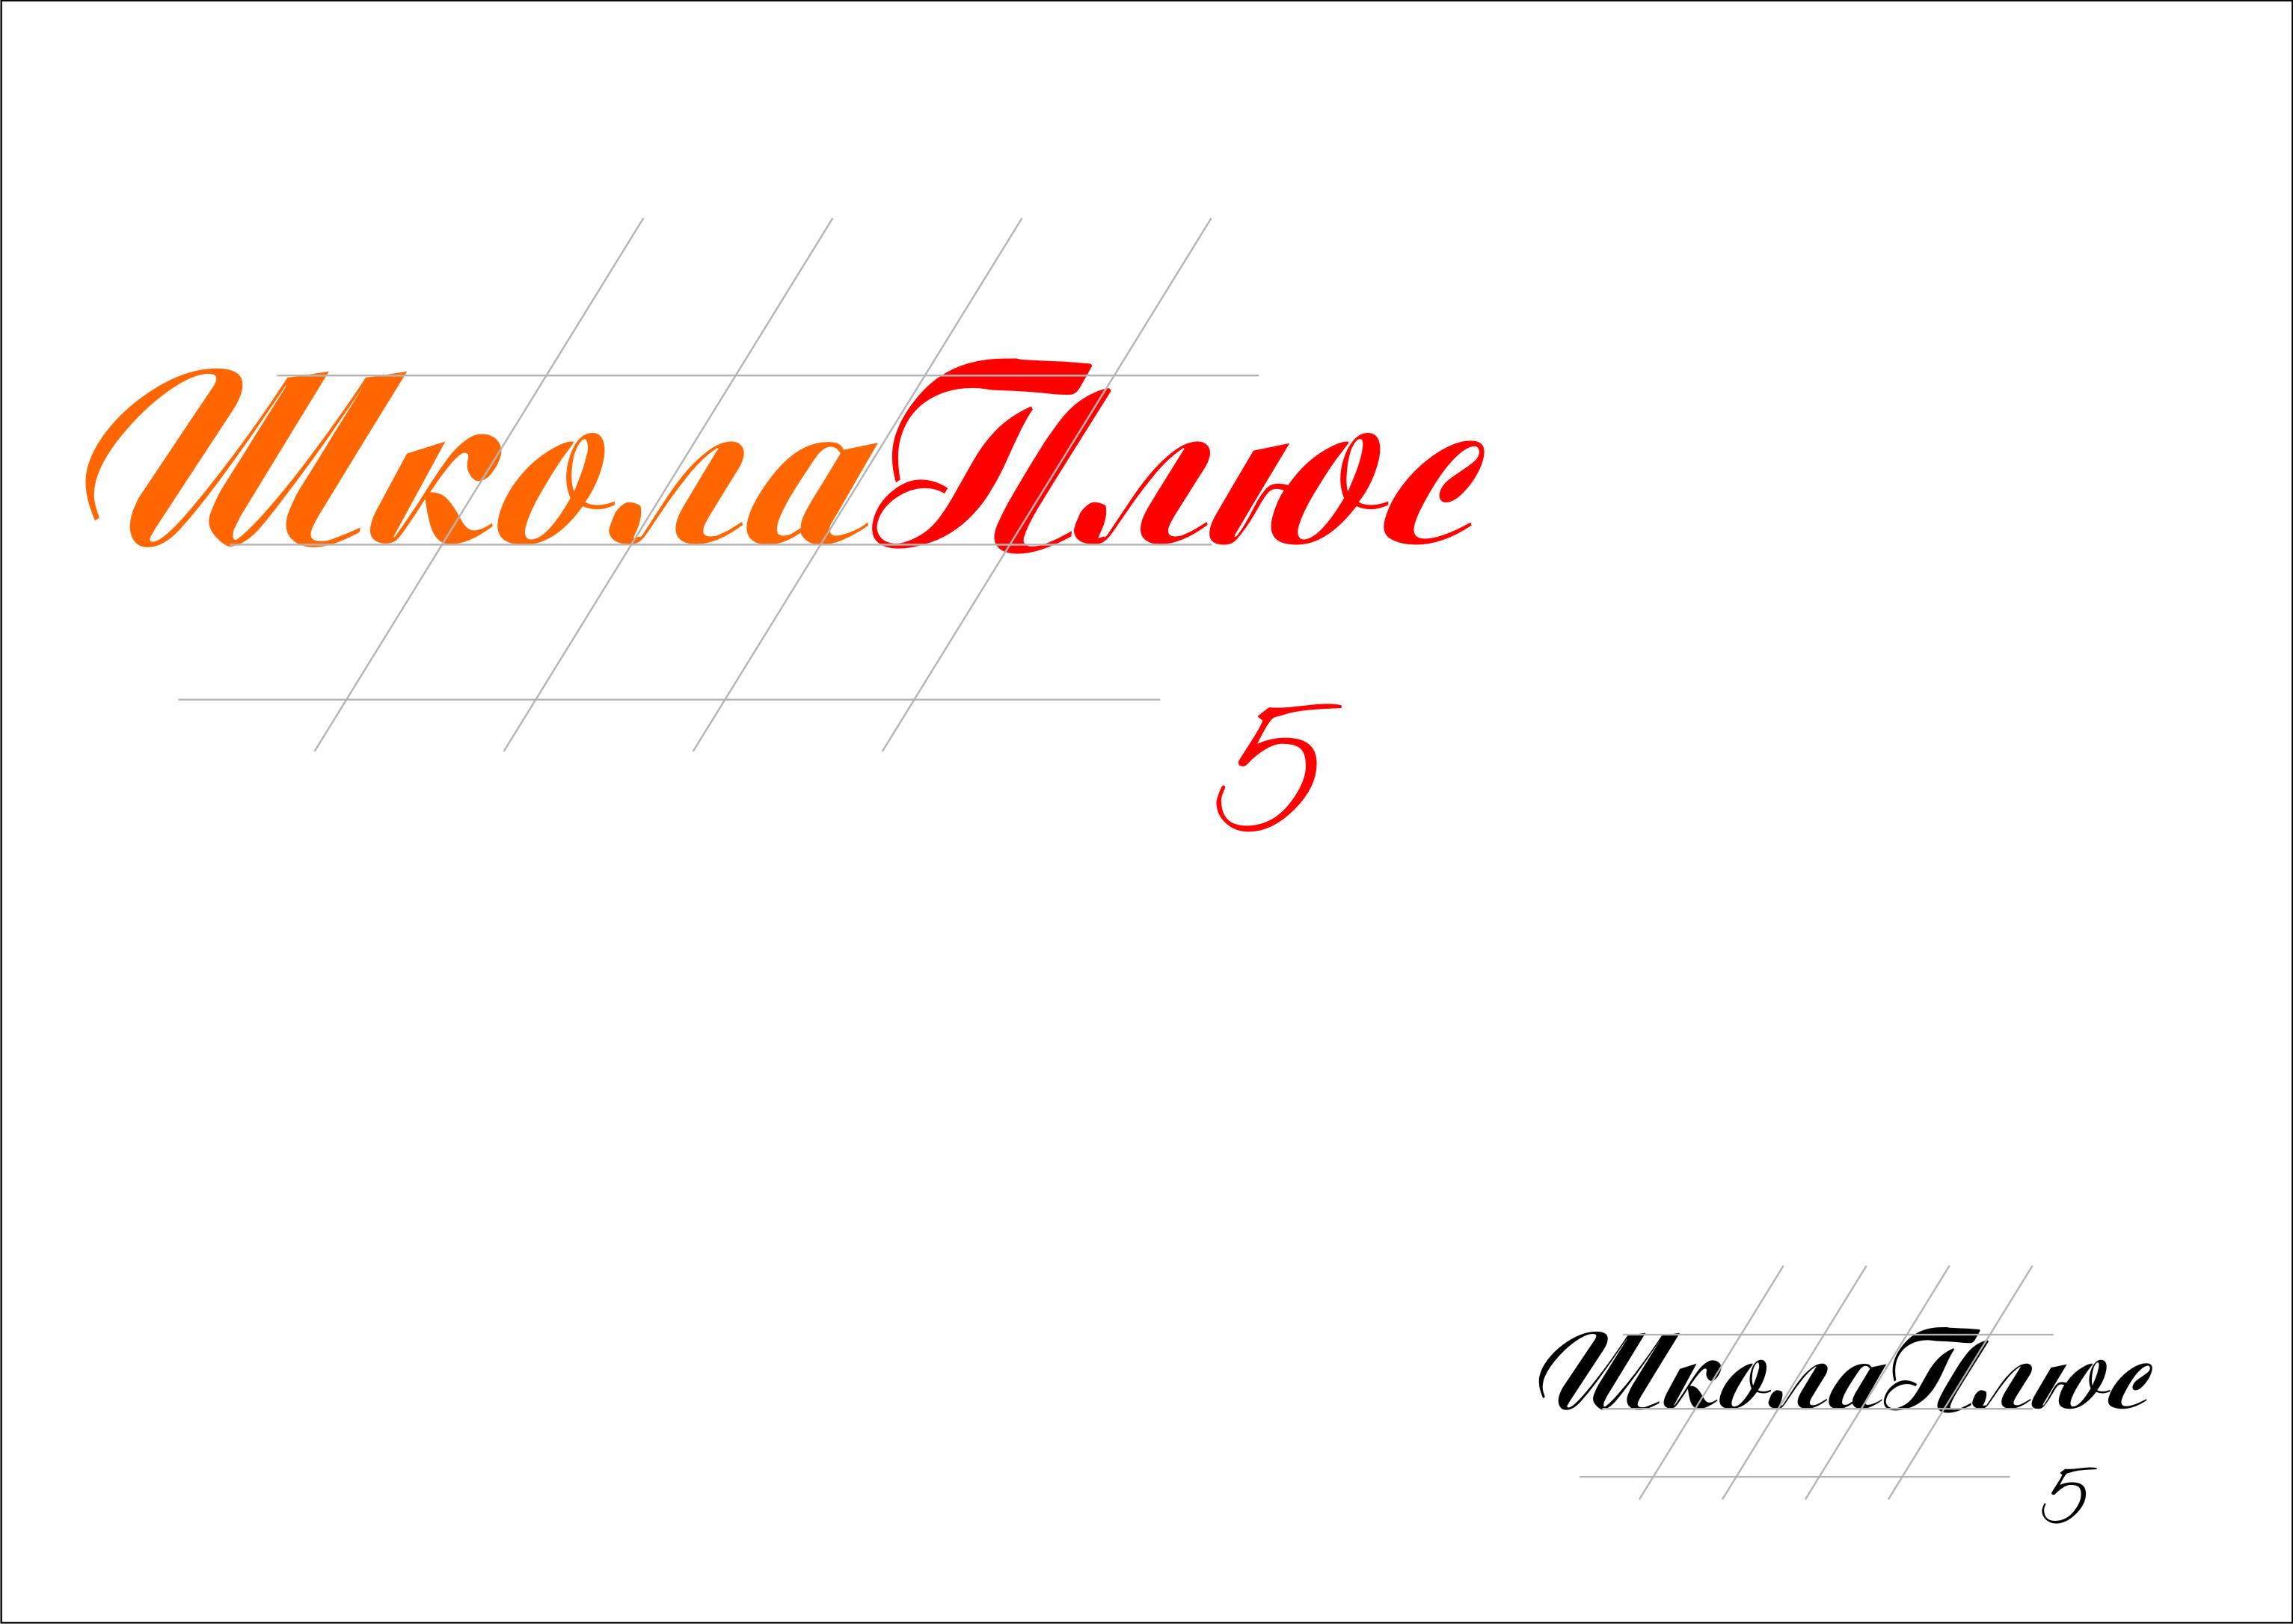 Разработка логотипа и пары элементов фирменного стиля фото f_4dadb7251d216.jpg